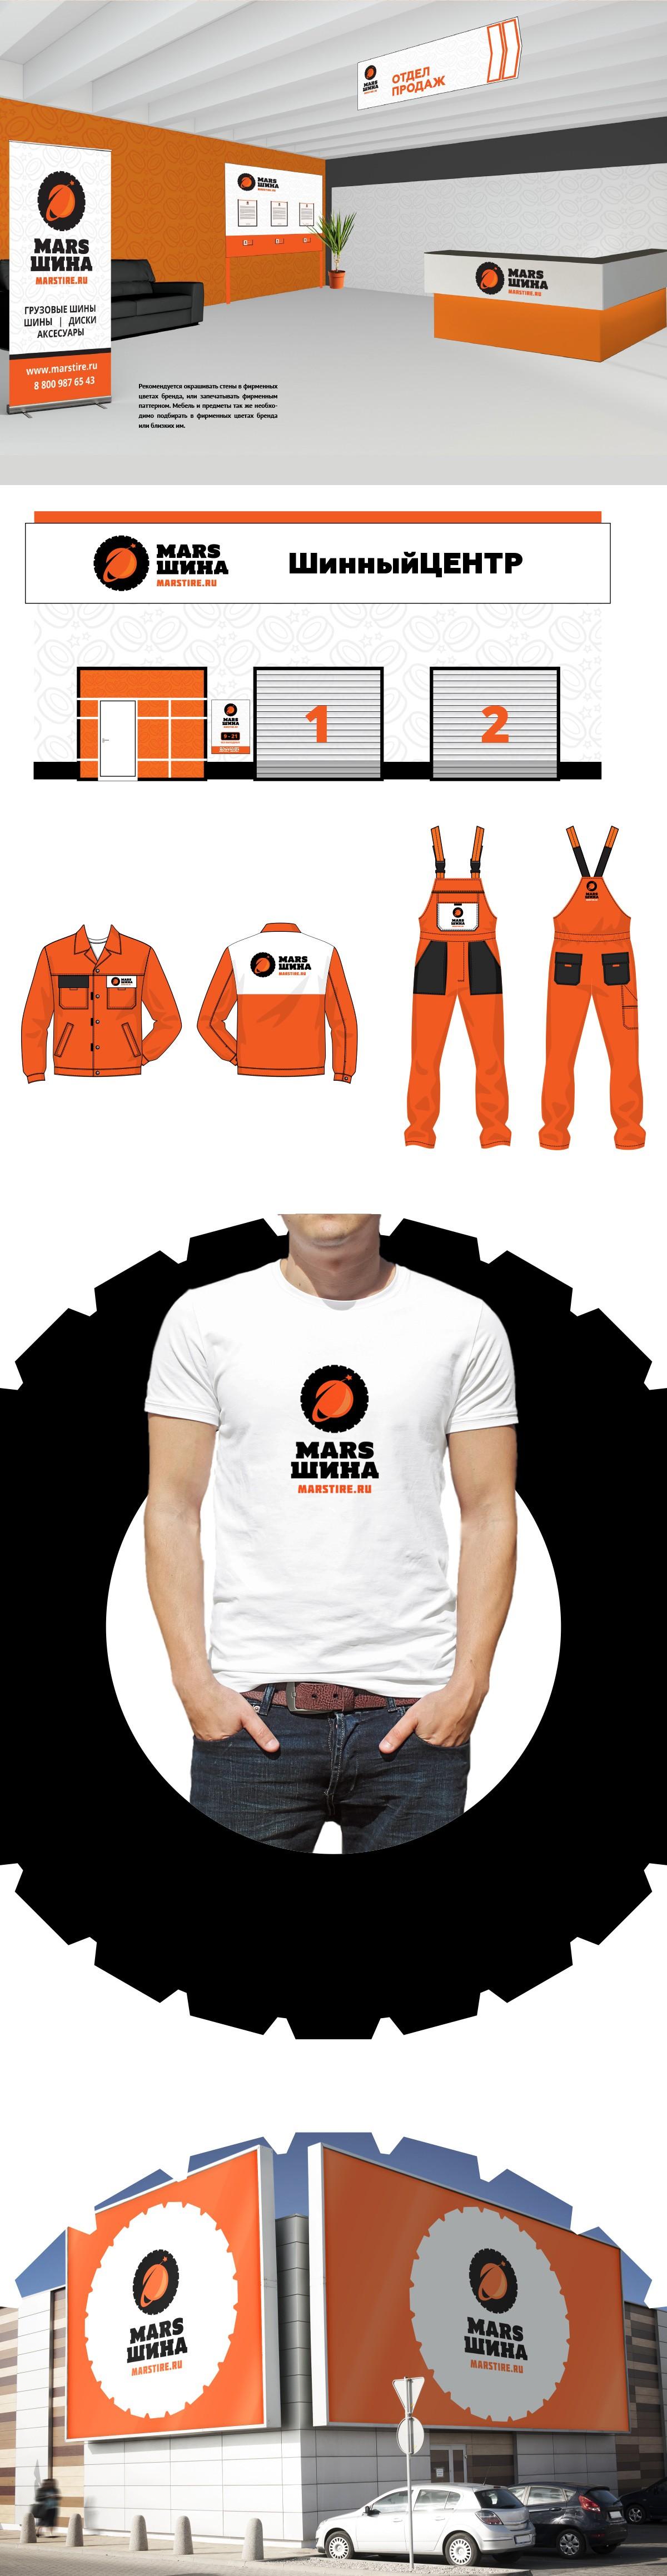 Марс Шина